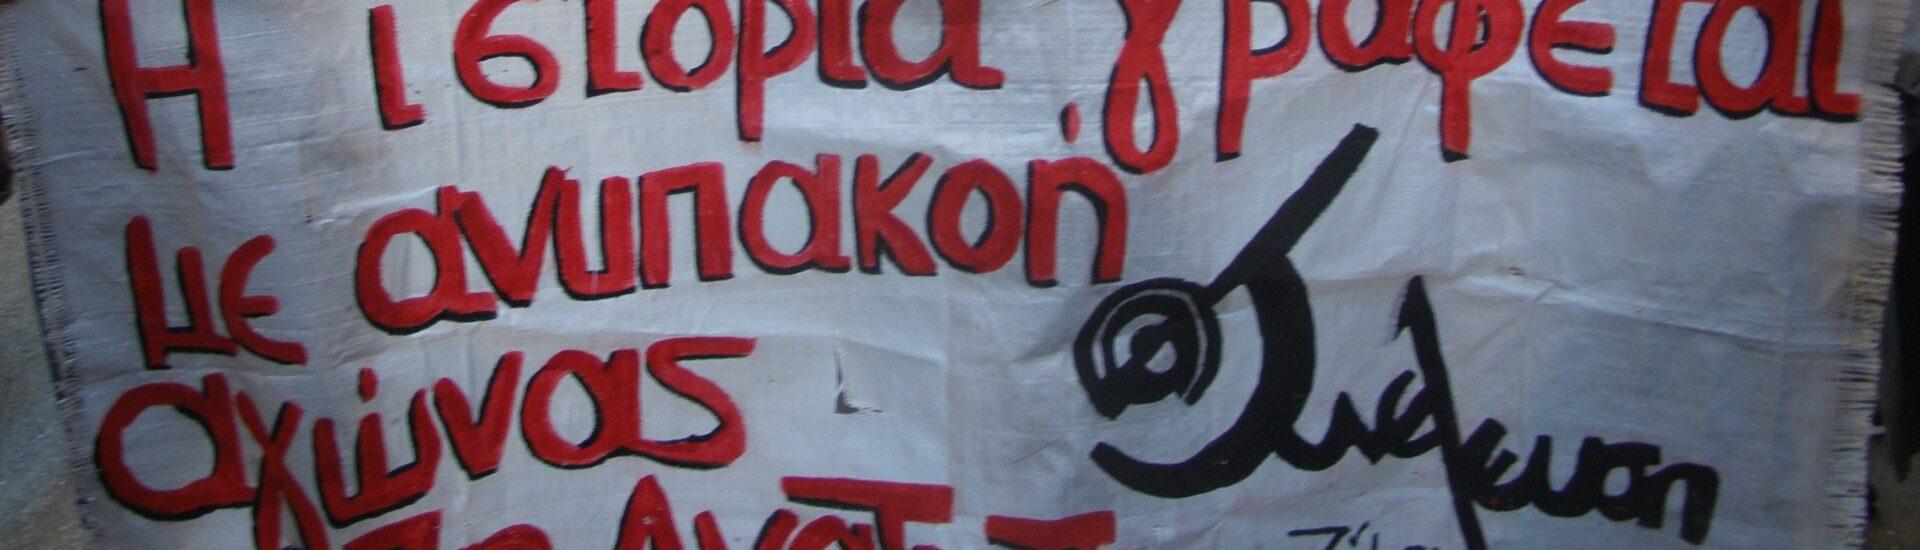 Συνέλευση Αγωνιζόμενων Ηθοποιών: Καταστροφικά τα μέτρα ενάντια στην πανδημία